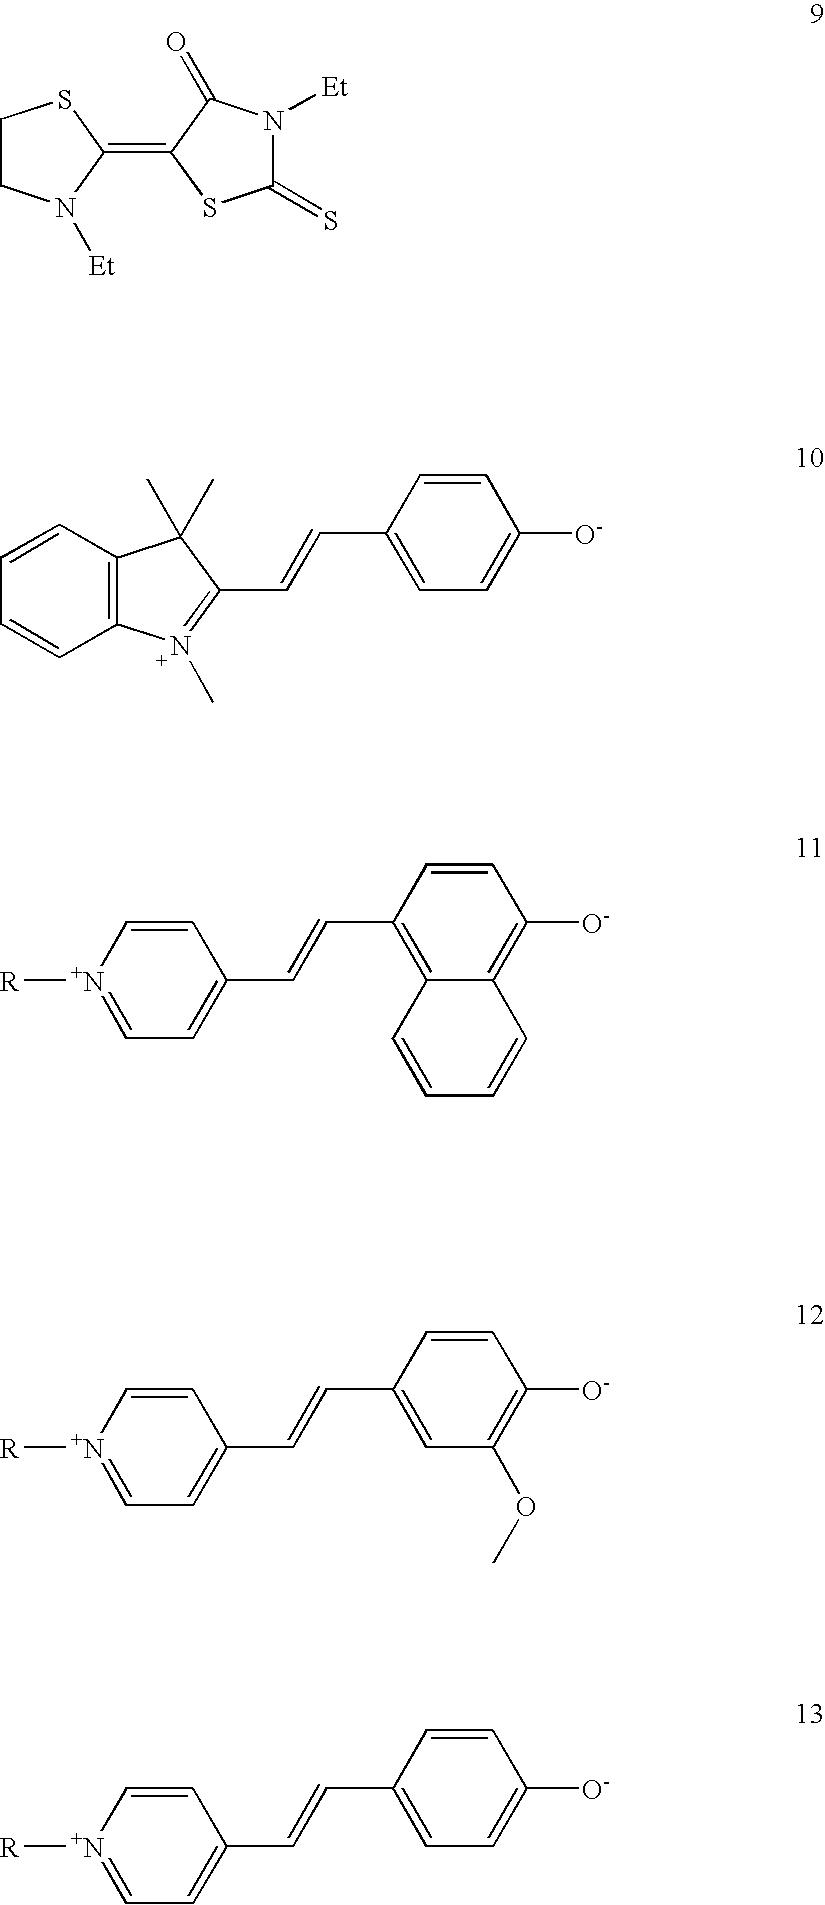 Figure US20070140971A1-20070621-C00005